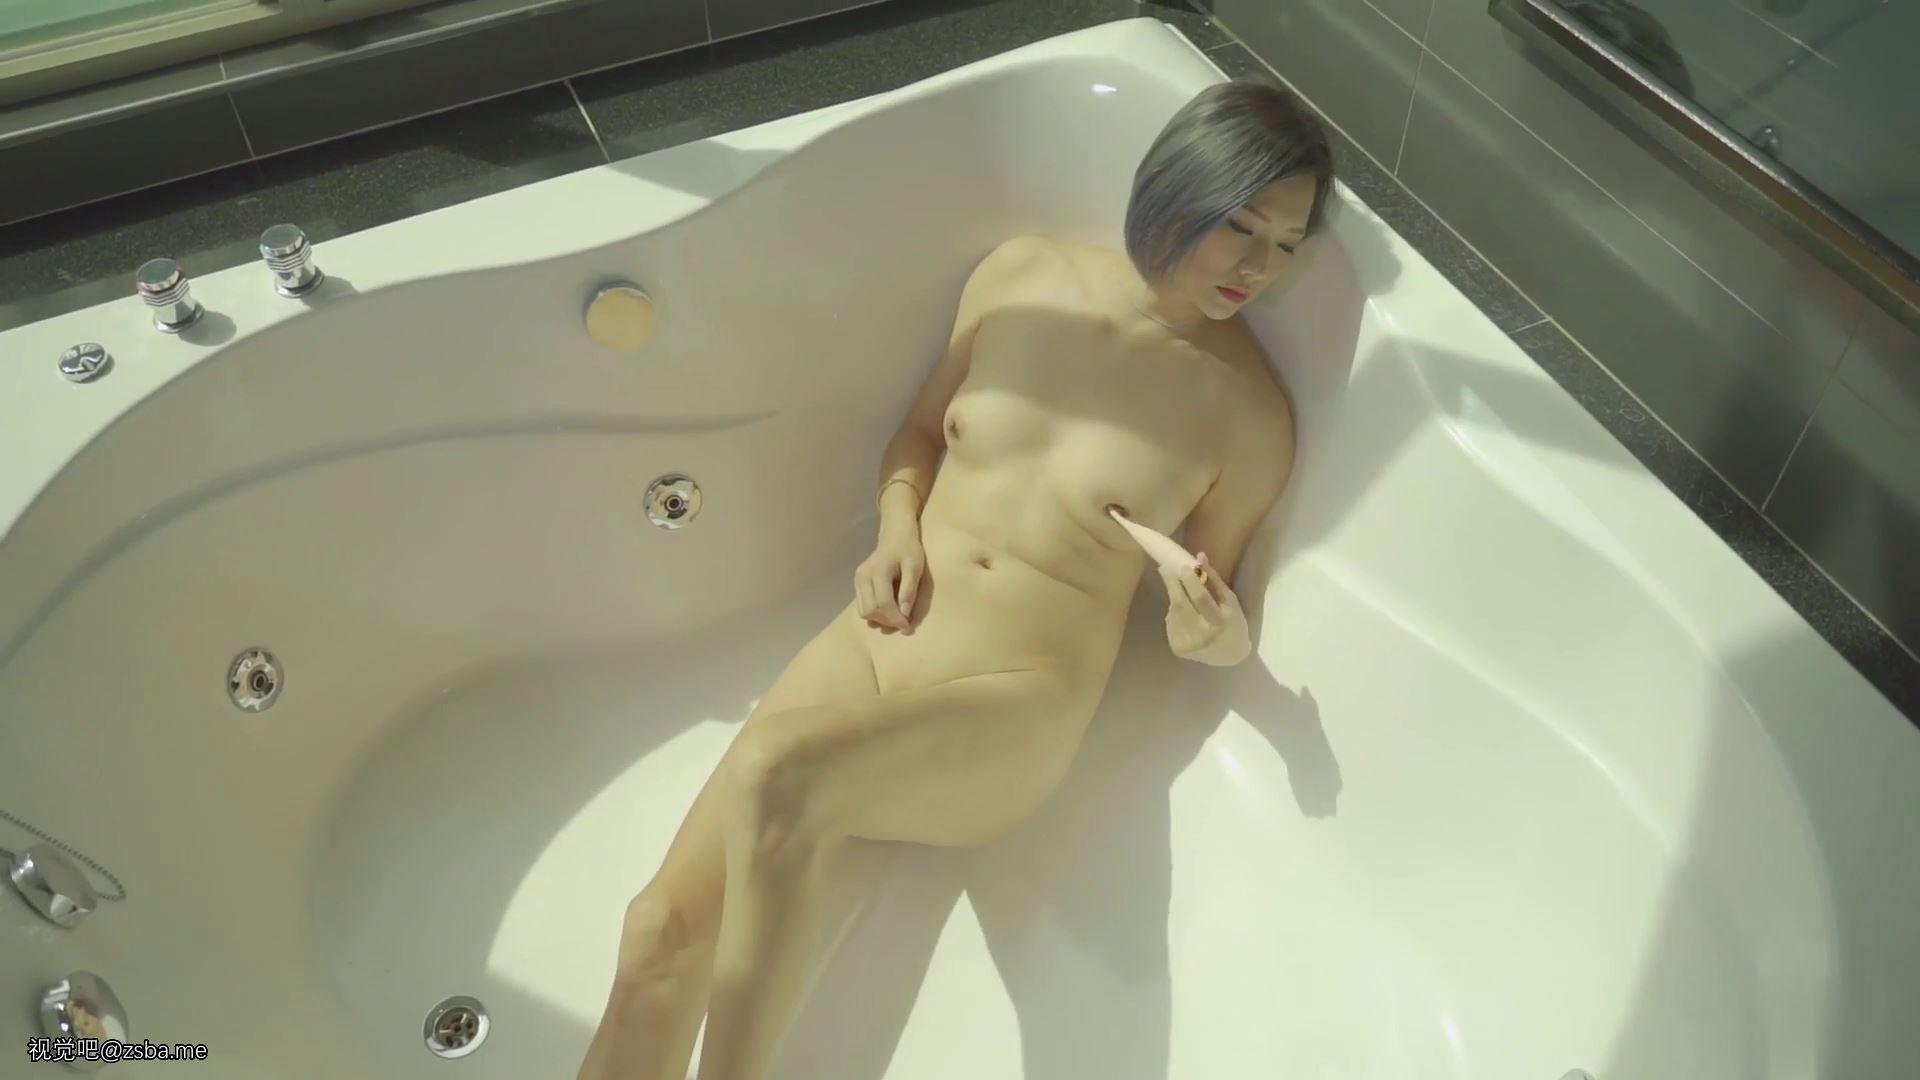 视觉吧@攝影大師大尺度私拍性感美女模特絲毫無法招架的感官過激[1V/427MB]插图7